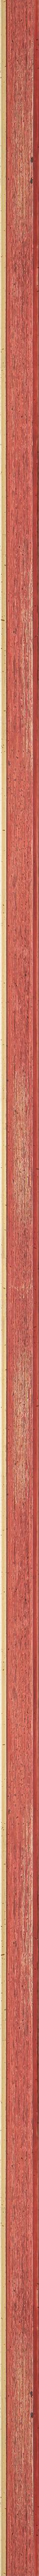 CONTEMPORARY HANDMADE RED FRAME frame